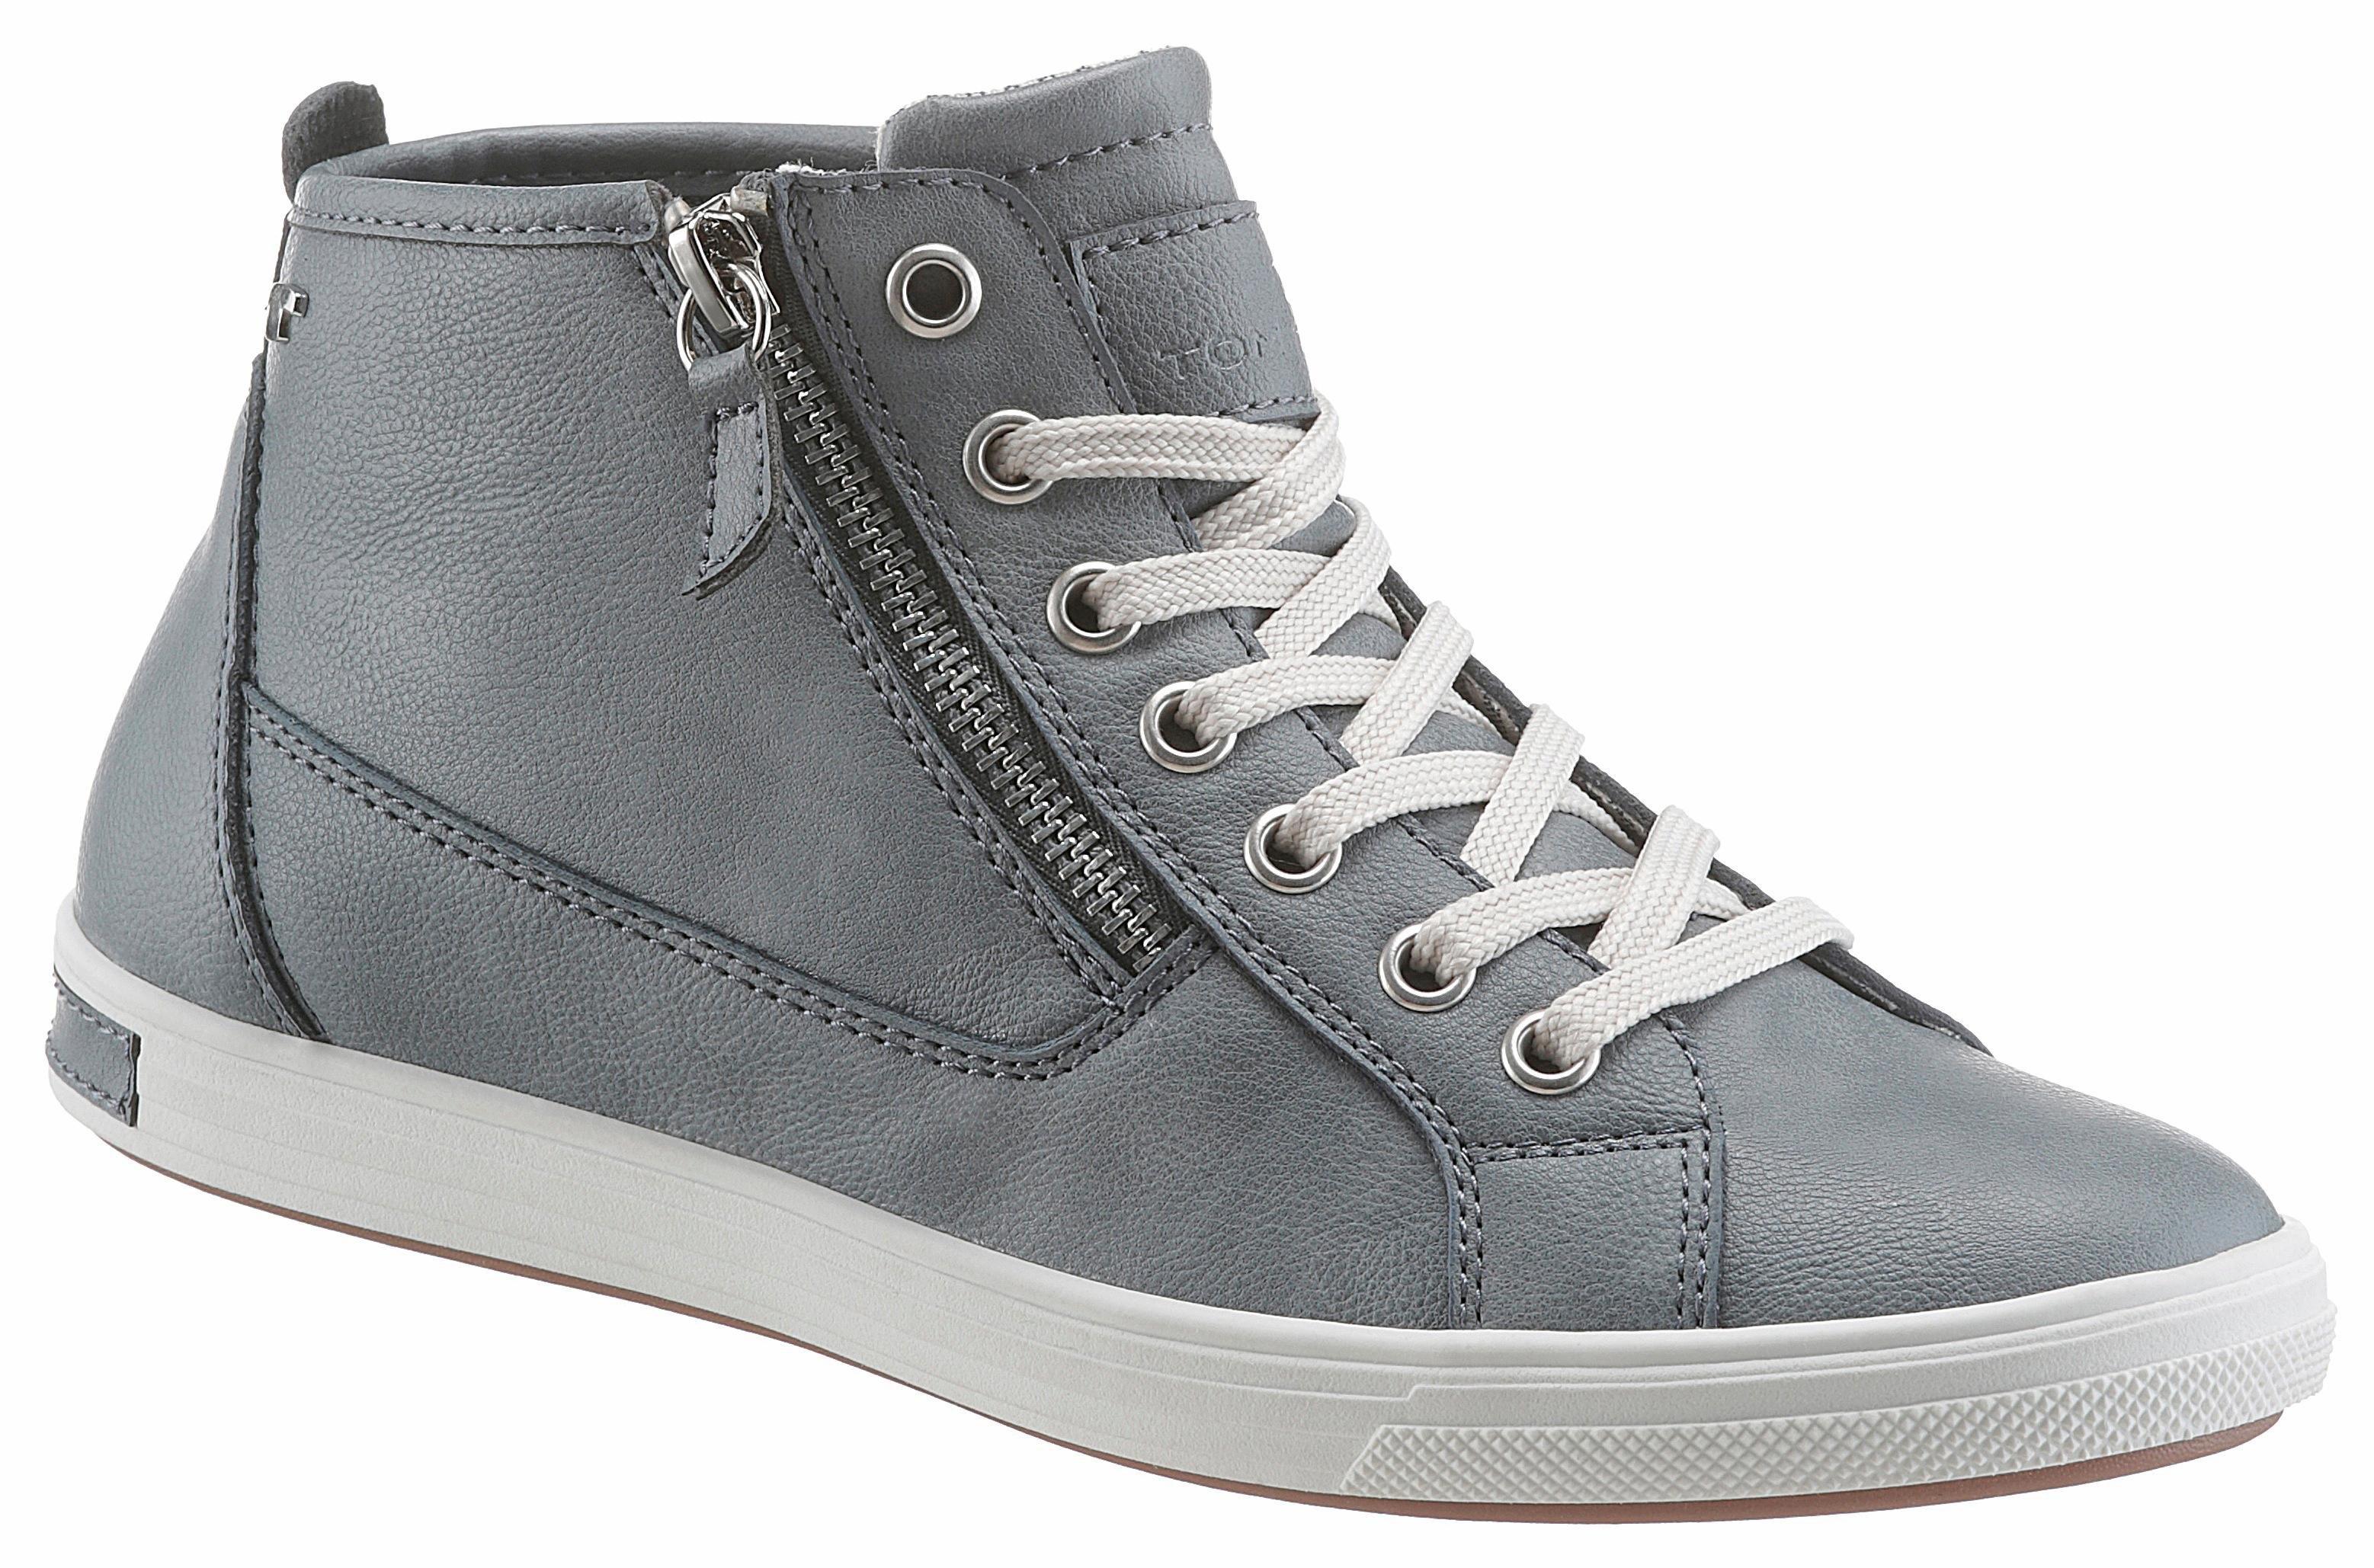 TOM TAILOR sneakers - verschillende betaalmethodes